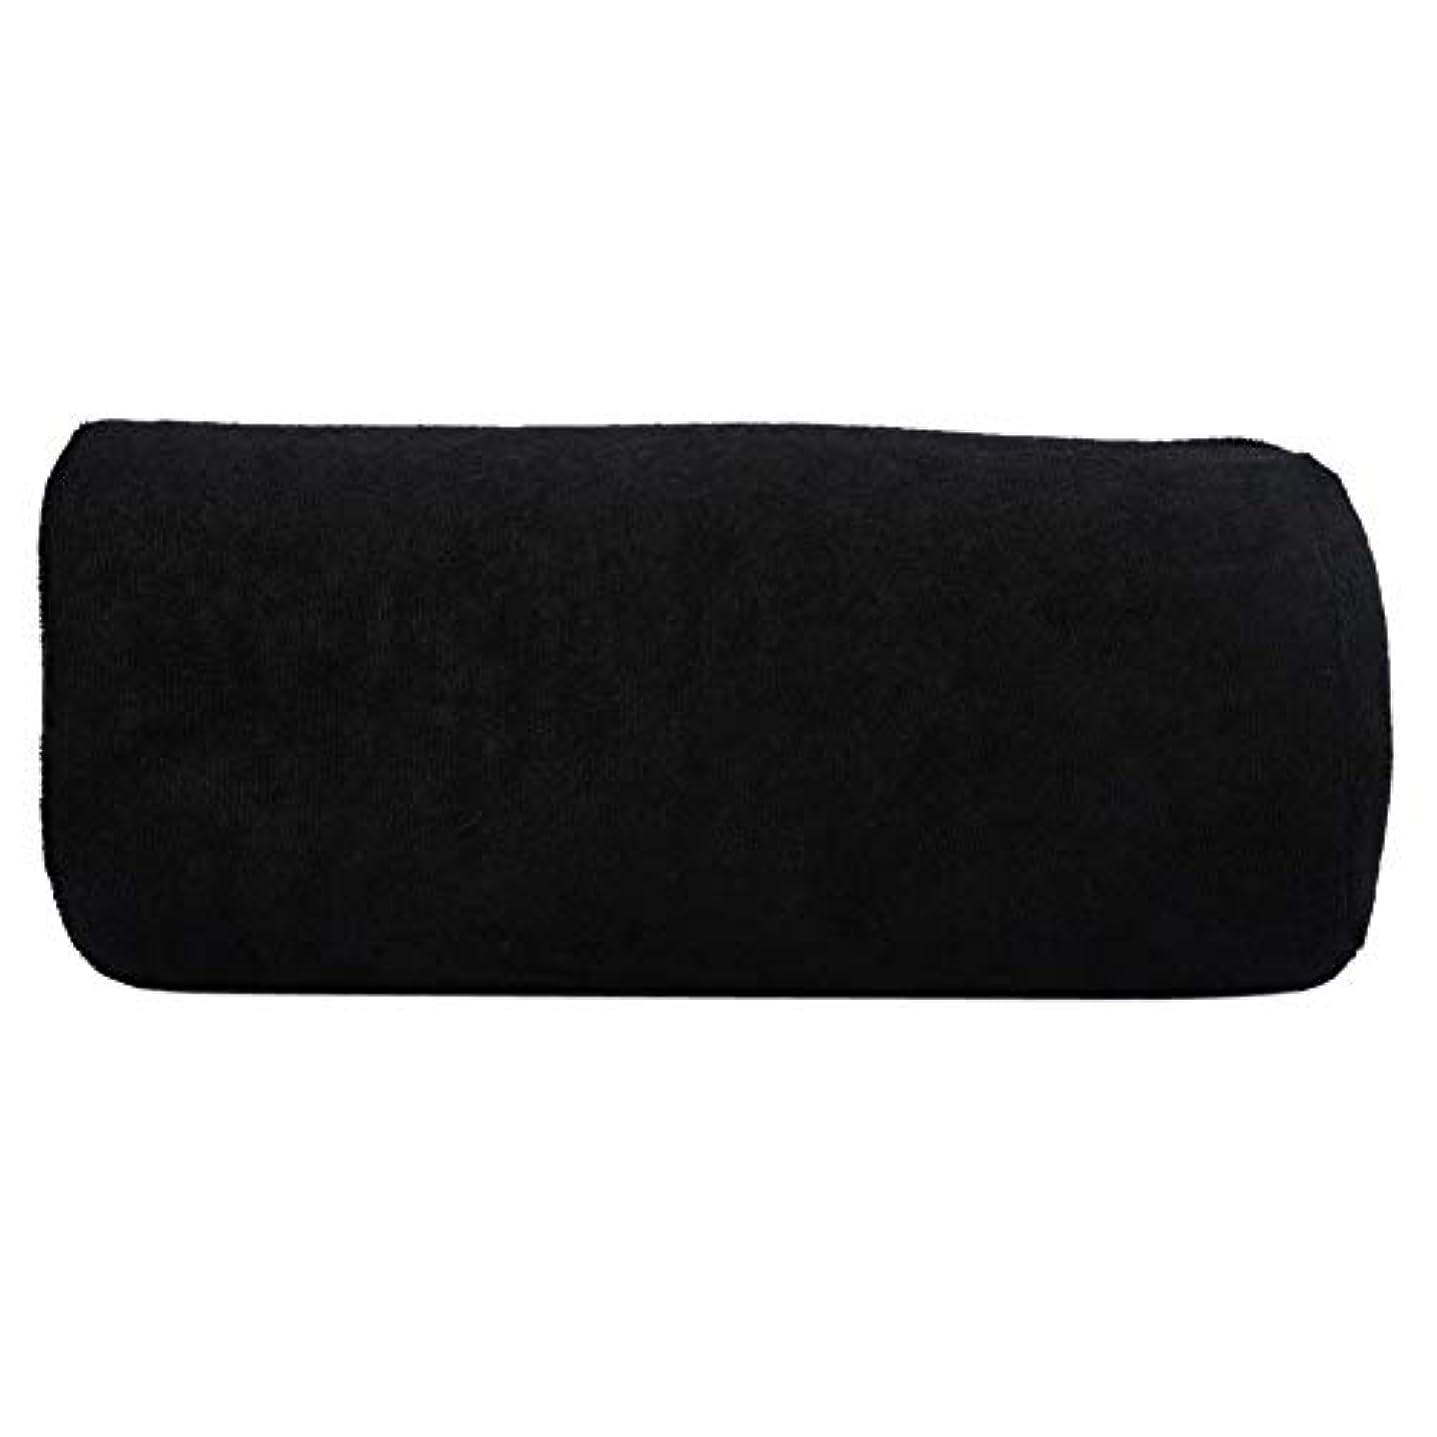 論争の的韓国期限ochunネイル用アームレスト アームレスト ネイル ハンドクッション 10色 サロン ハンドレストクッション 取り外し可能 洗える ネイルアートソフトスポンジ枕(03)